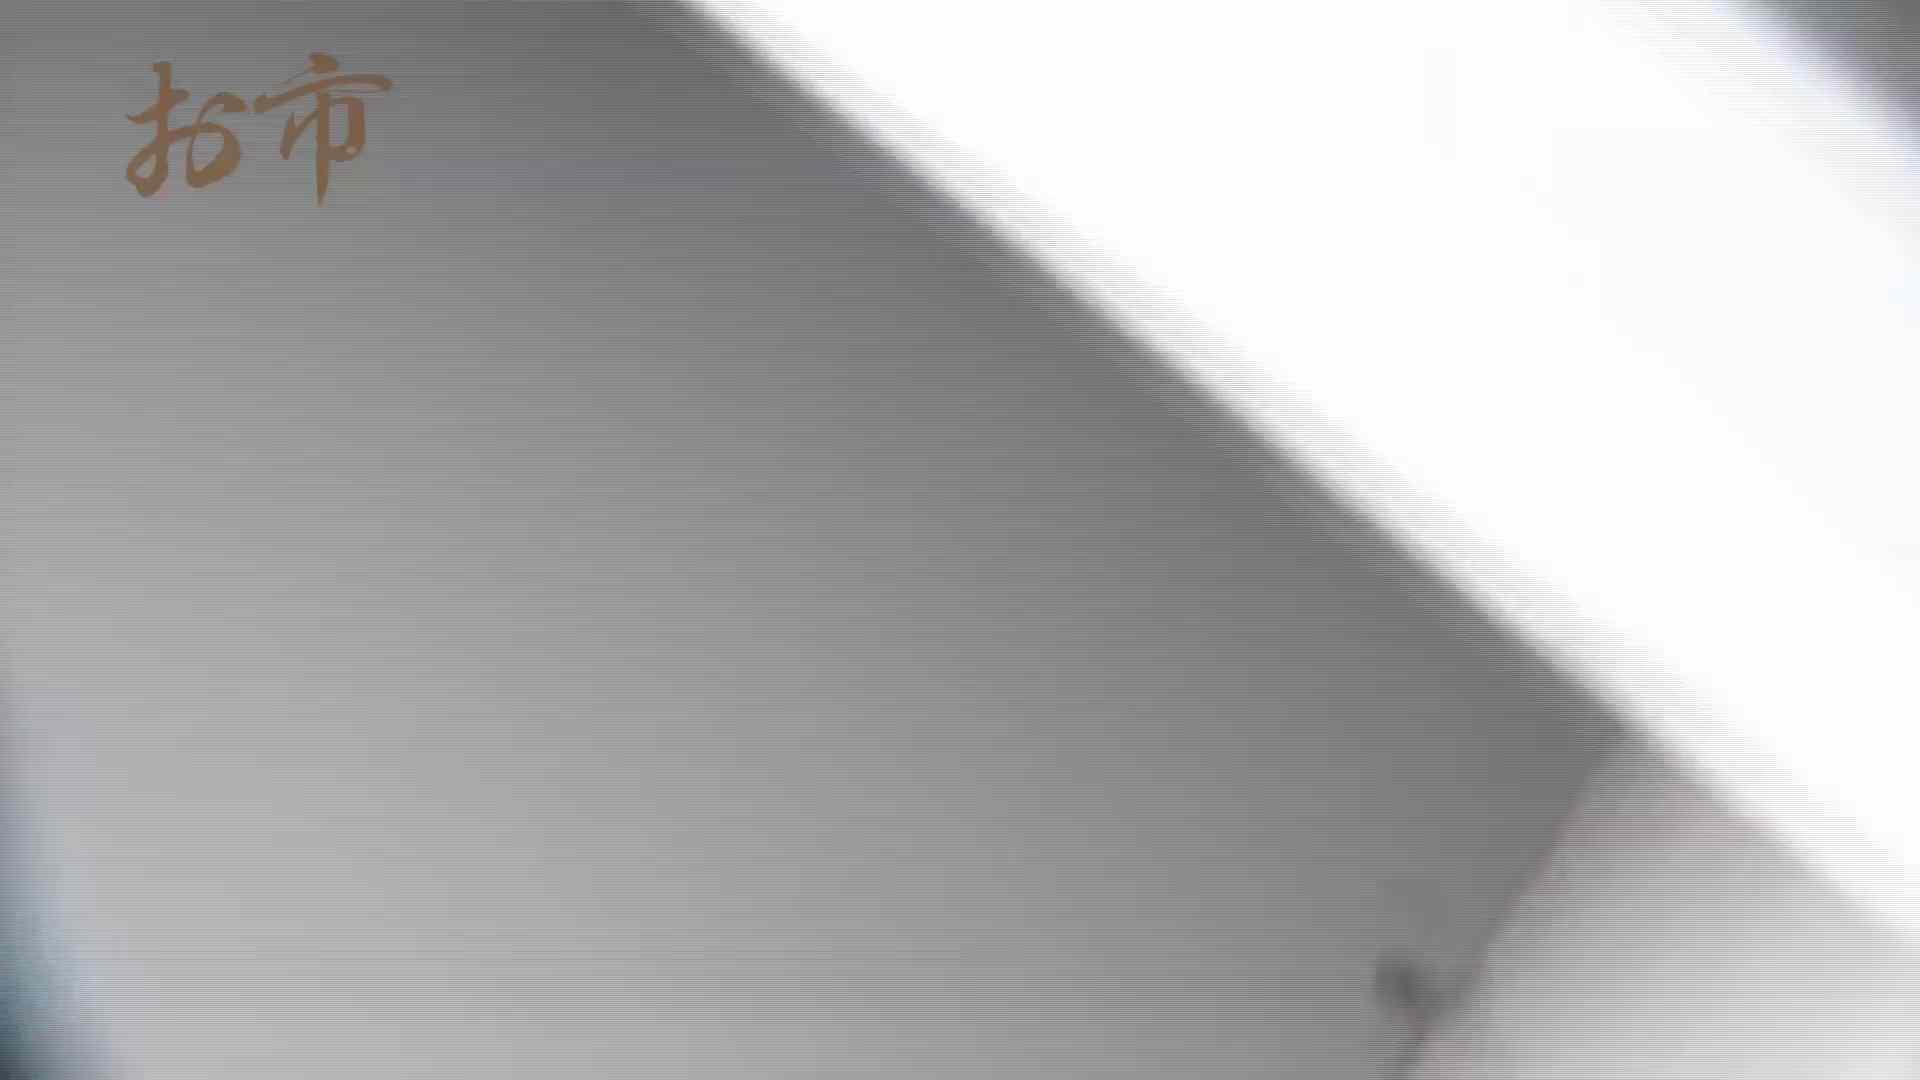 潜入!!台湾名門女学院 Vol.12 長身モデル驚き見たことないシチュエーション 潜入 オメコ動画キャプチャ 101pic 84